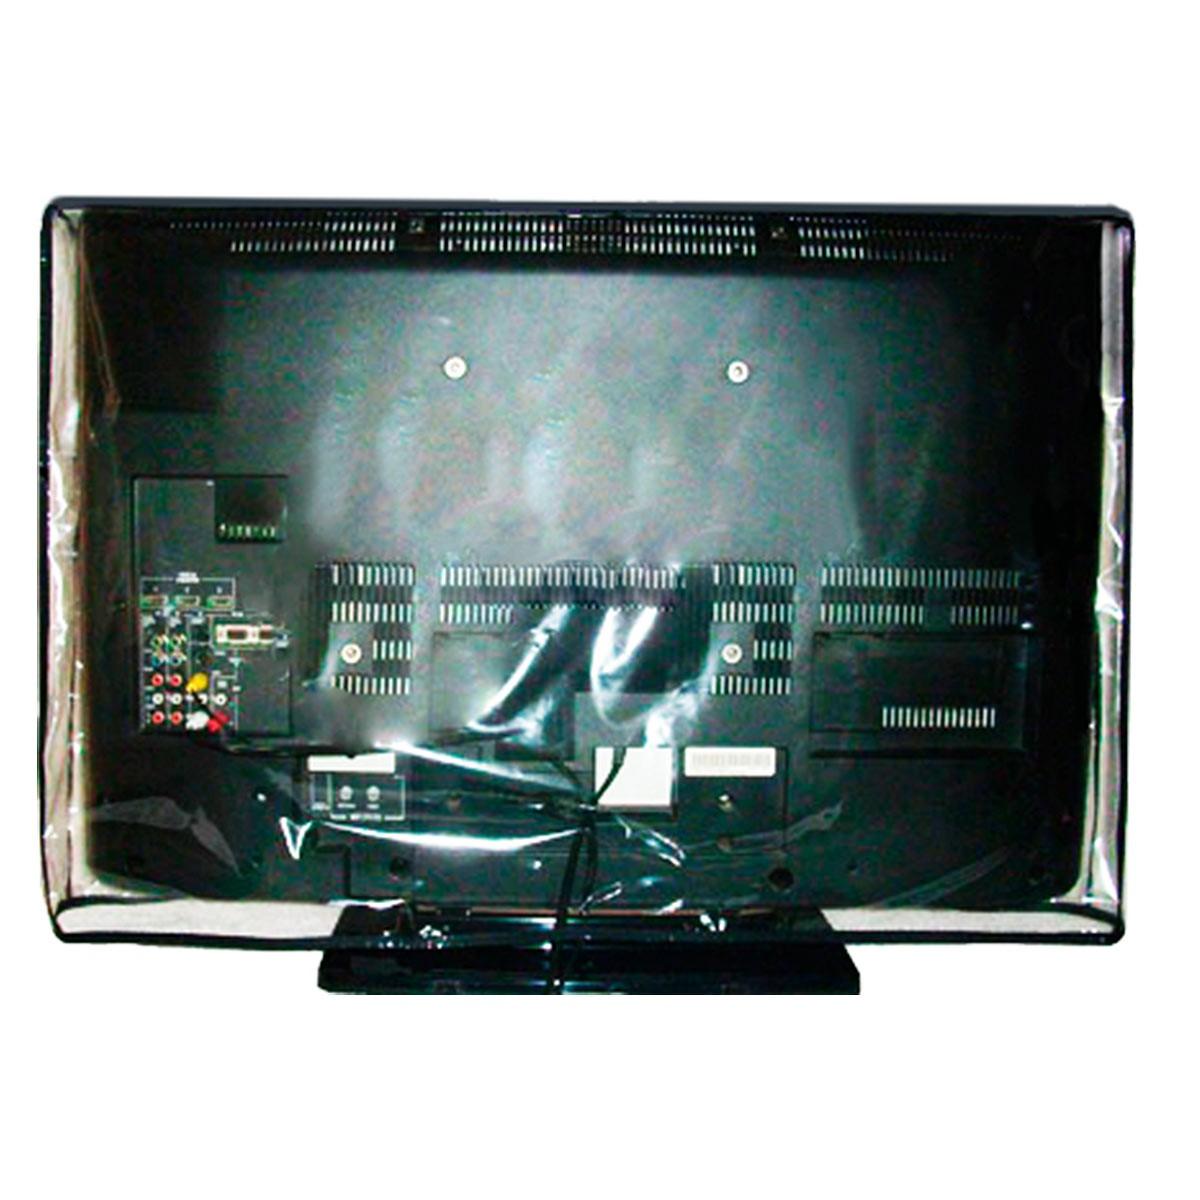 Capa Em Pvc Cristal Para Tv Lcd 26 - Fechada Atrás